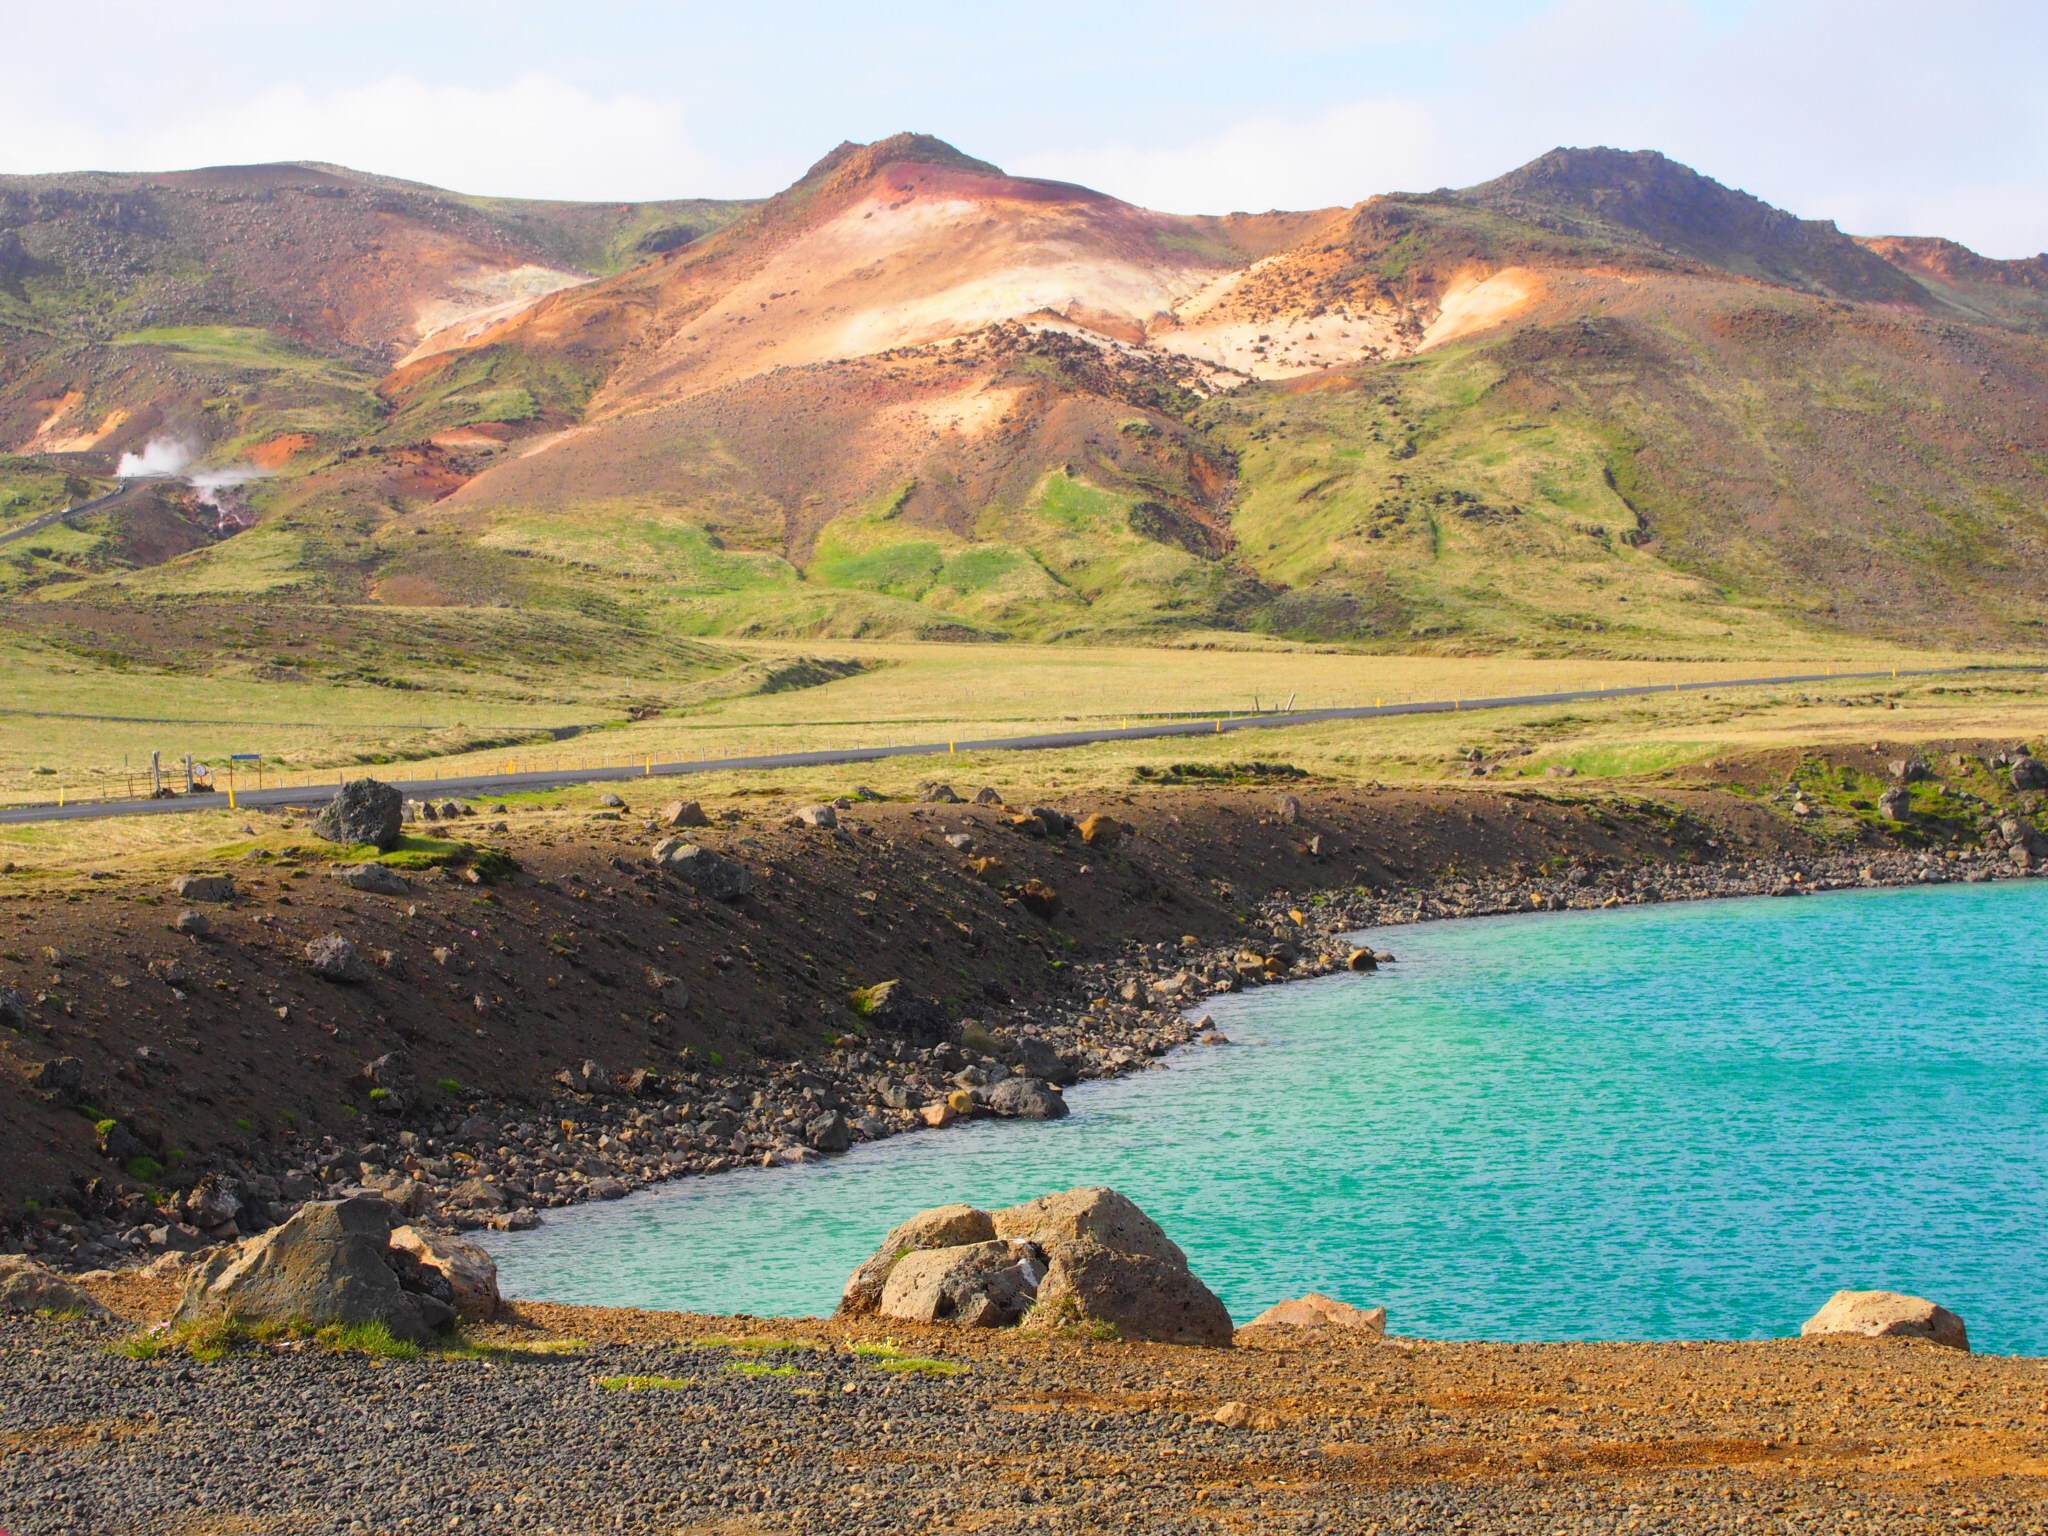 冰岛雷克亚内斯半岛上美丽的湖泊与山峦